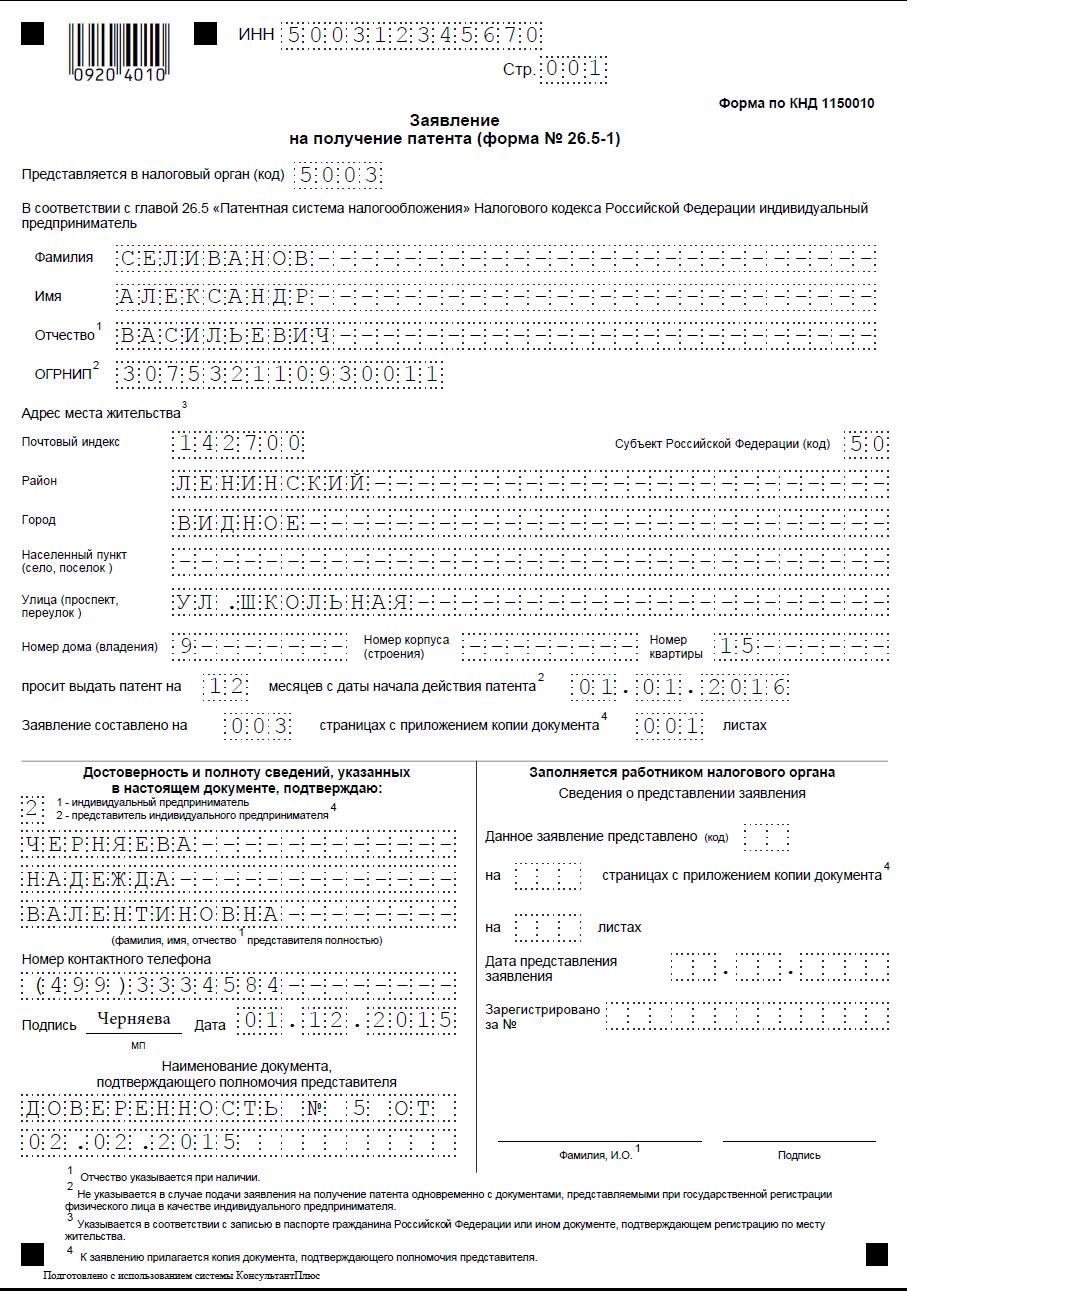 образец заполнения заявления на патент бланк 2013